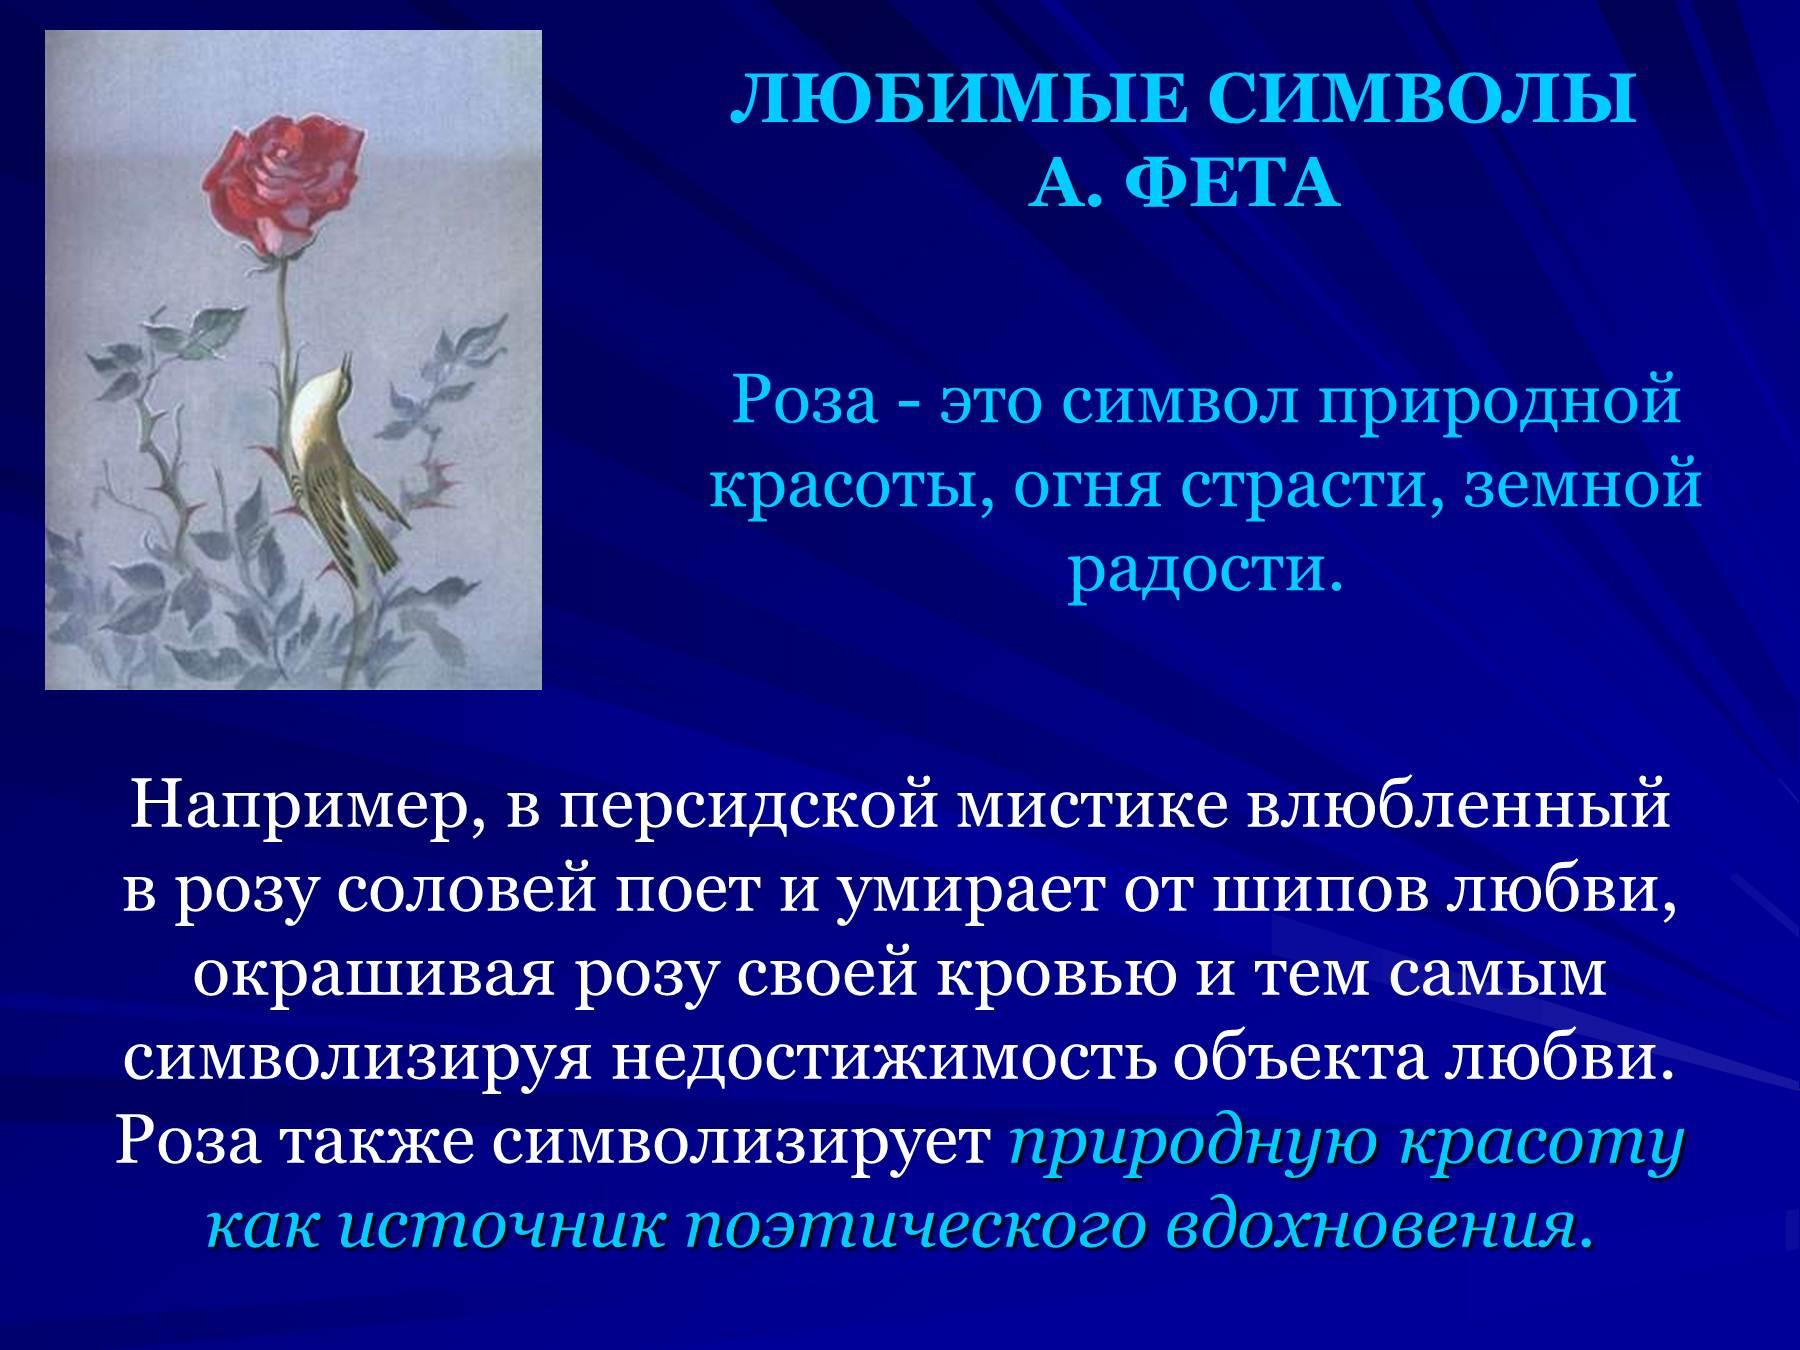 Цитаты о поэзии фета